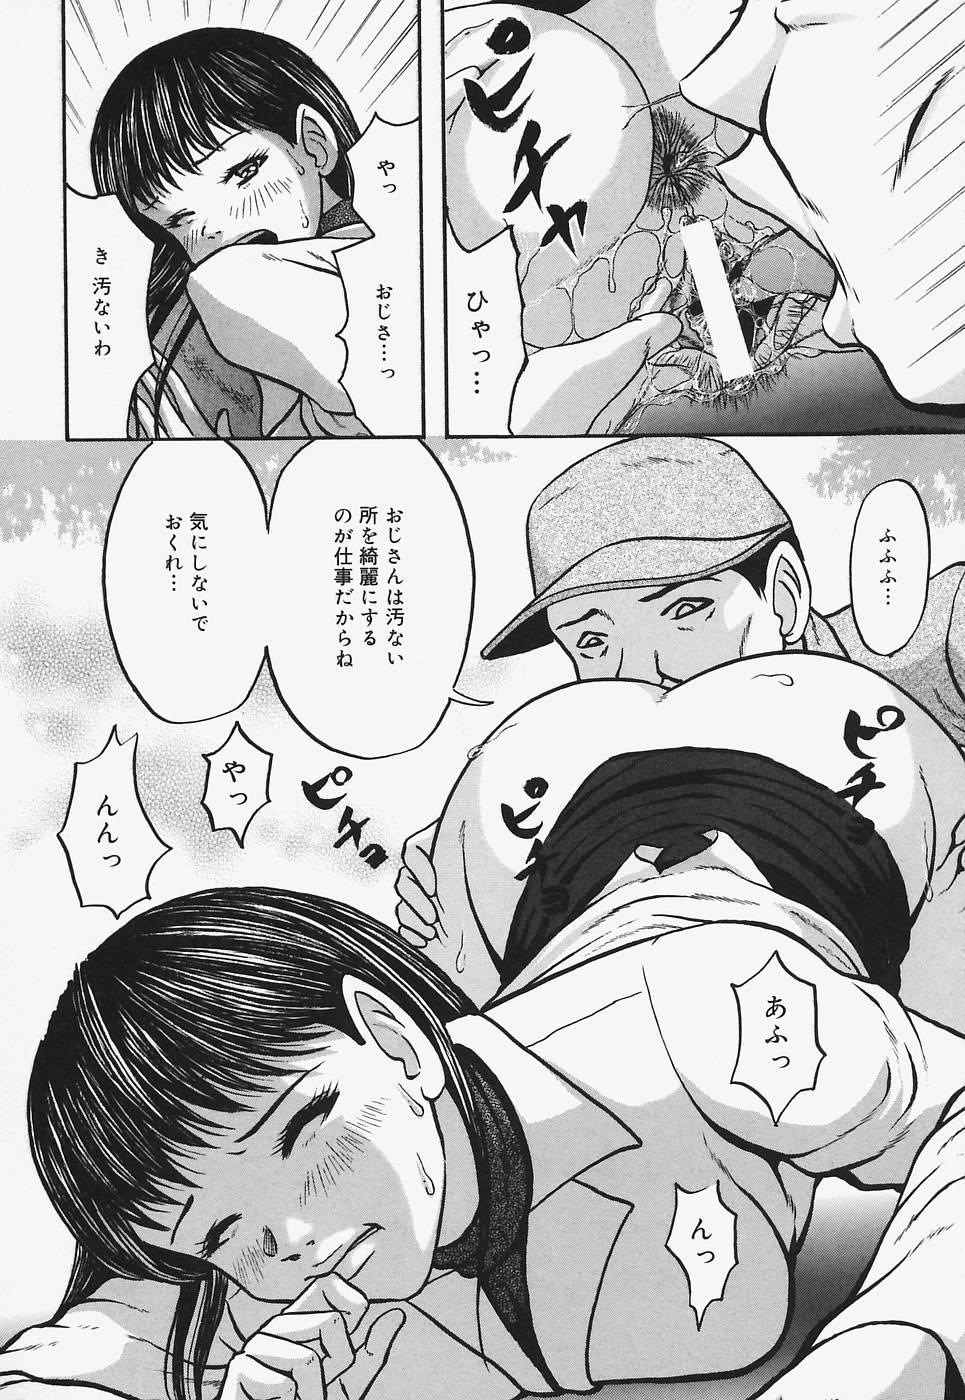 Nurunuru Syoujyo Jiru 105